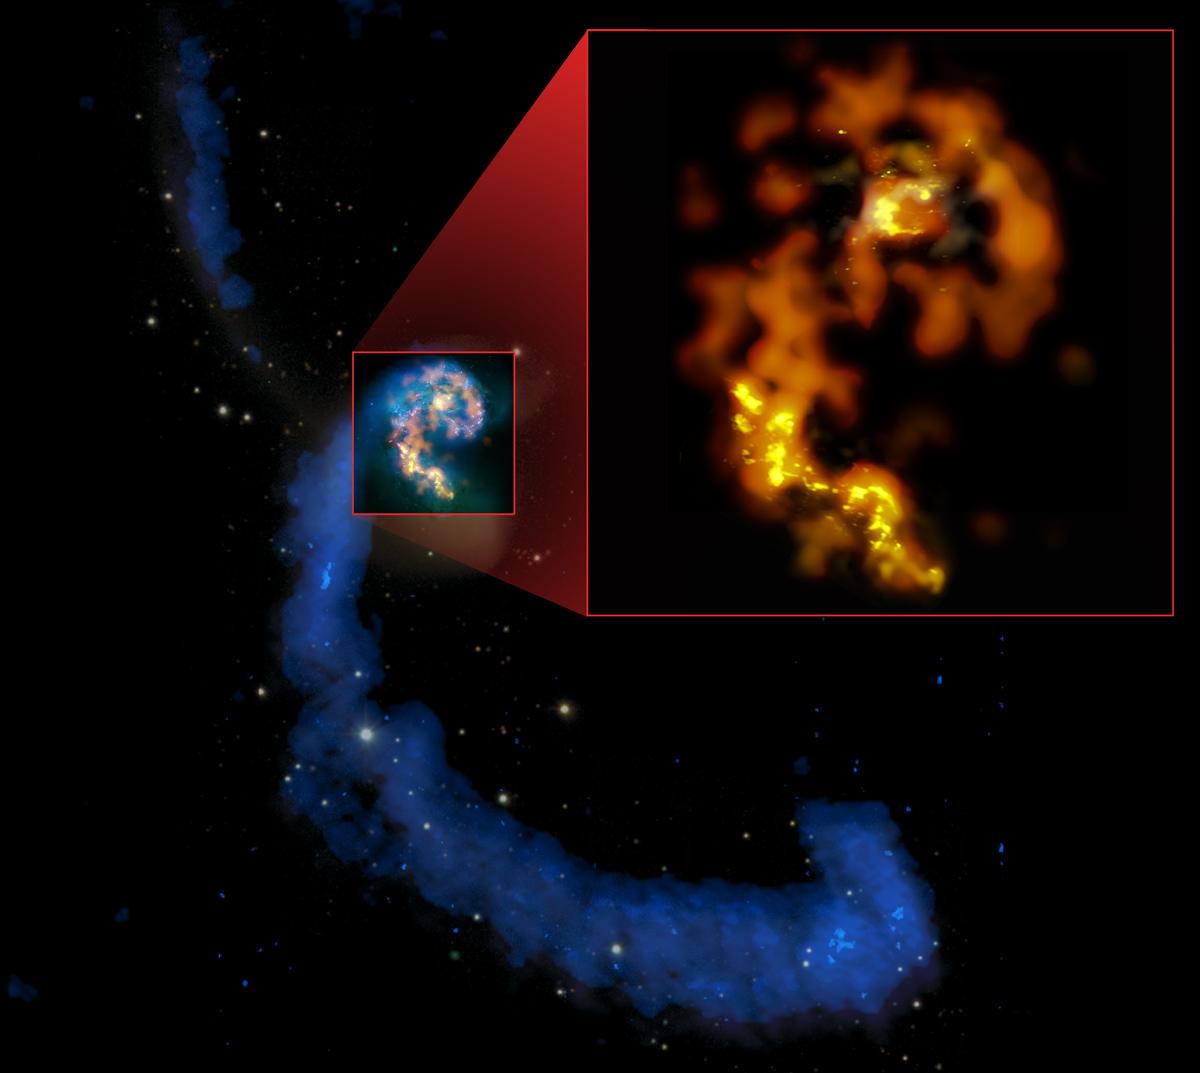 magen compuesta en múltiples longitudes de onda, de las galaxias en interacción NGC 4038/4039, las Antenas, donde se aprecia sus colas en longitudes de onda de radio (azules), las formaciones de estrellas pasadas y recientes en luz visible (blancos y rosados), y una selección de regiones de estrellas actualmente en formación en longitudes milimétricas y submilimétricas (naranjos y amarillos). En detalle: primeras observaciones milimétricas y submilimétricas de ALMA en las bandas 3 (naranjo), 6 (ámbar) y 7 (amarillo), con un nivel de detalle que sobrepasa todas las otras imágenes de estas longitudes de onda. Créditos: (NRAO/AUI/NSF); ALMA (ESO/NAOJ/NRAO); HST (NASA, ESA y B. Whitmore [STScI]); J. Hibbard (NRAO/AUI/NSF); y NOAO/AURA/NSF.